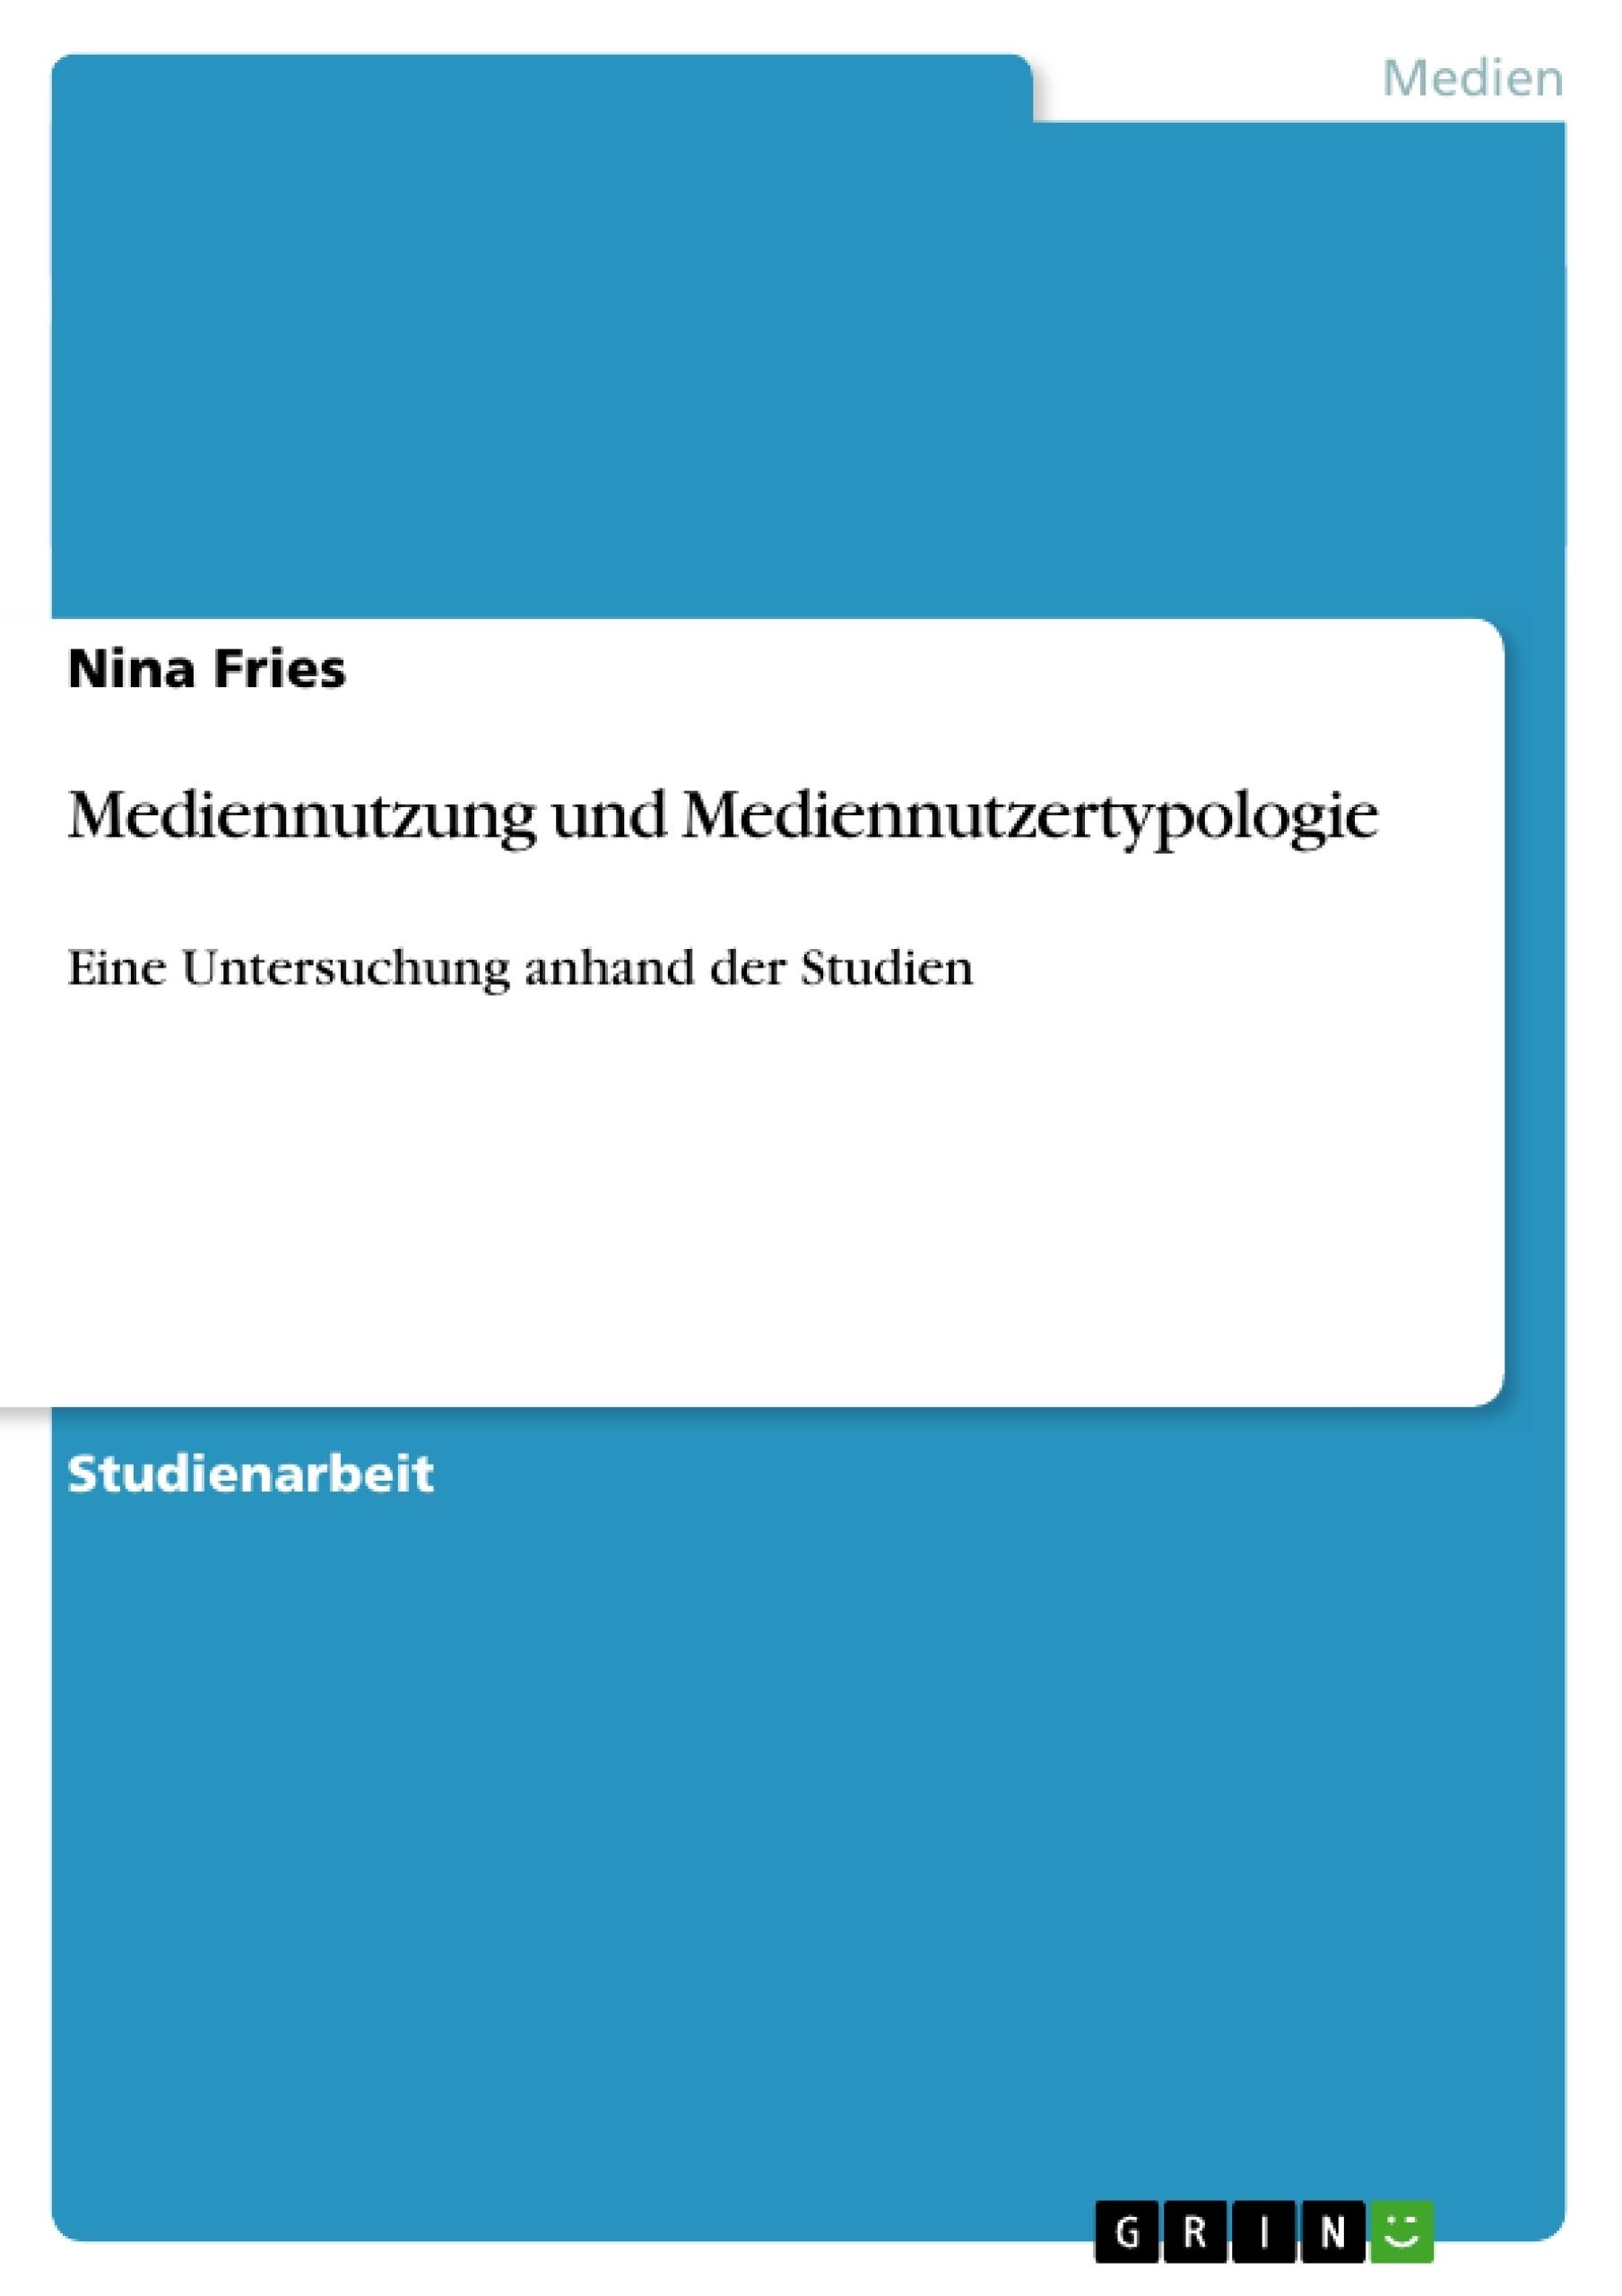 Titel: Mediennutzung und Mediennutzertypologie